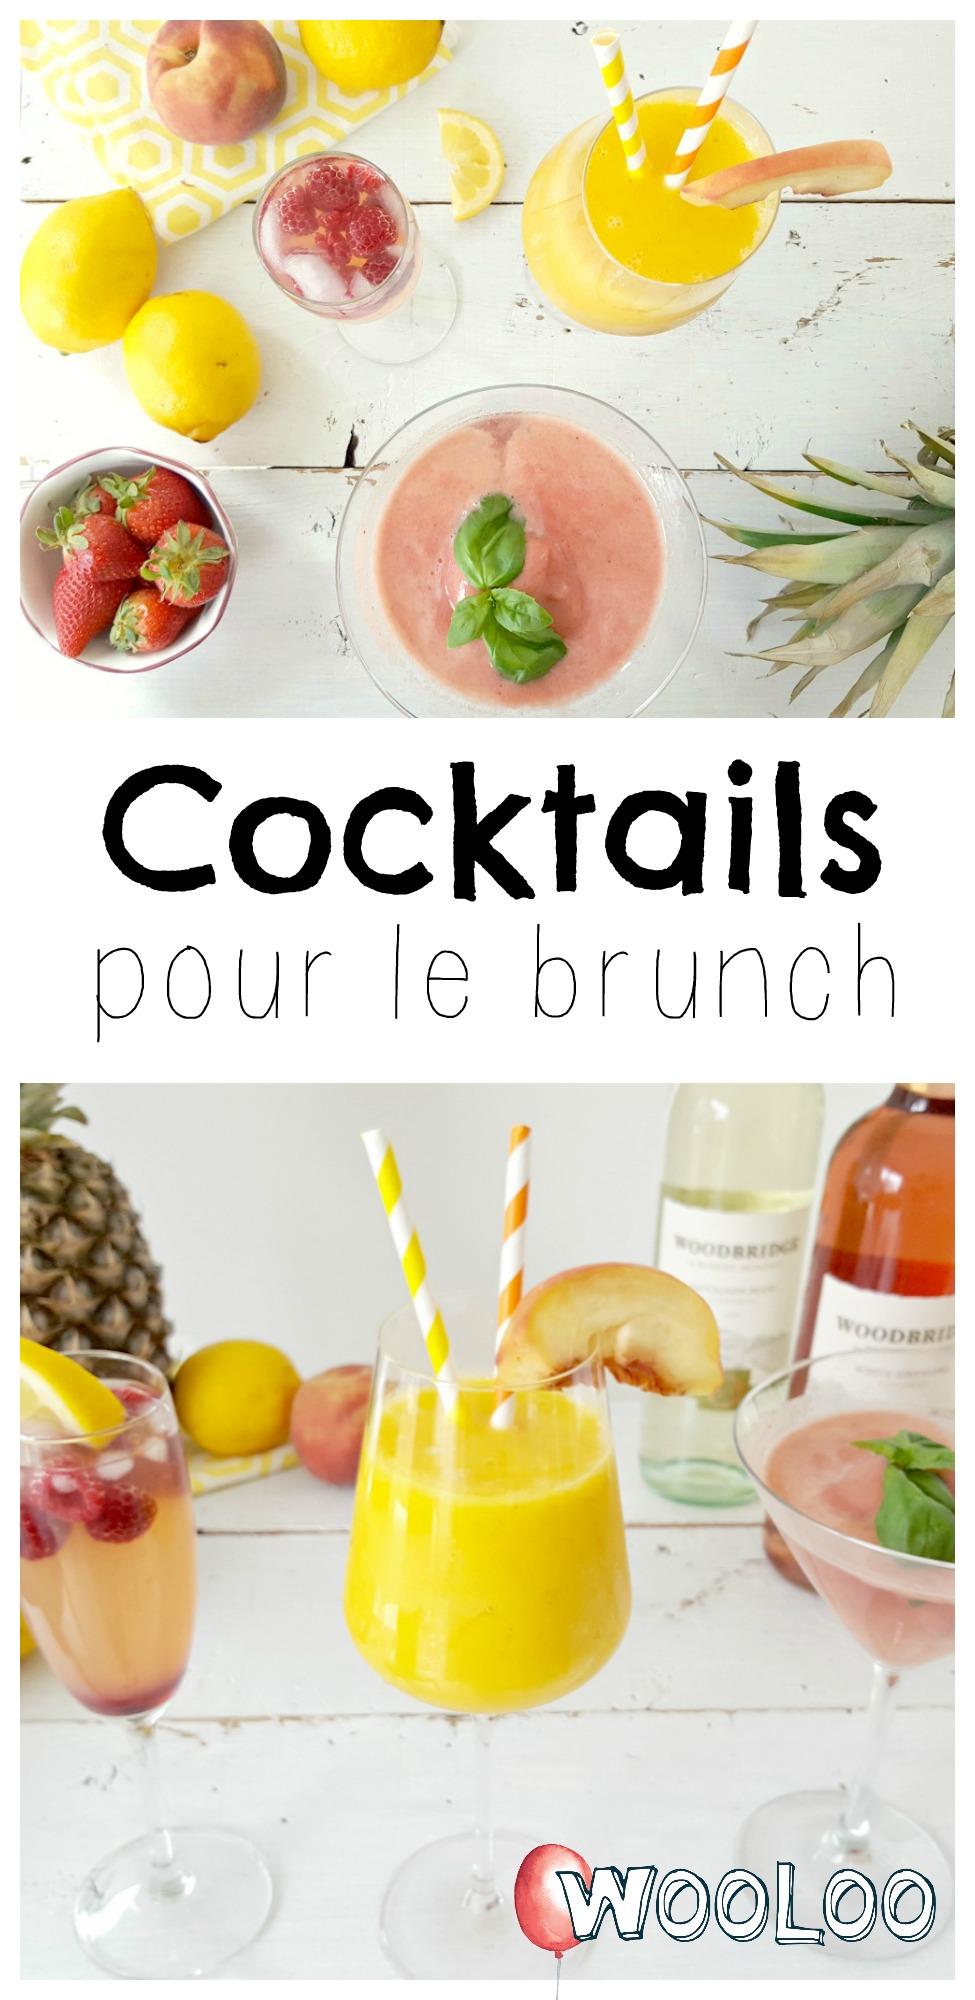 cocktails pour le brunch wooloo